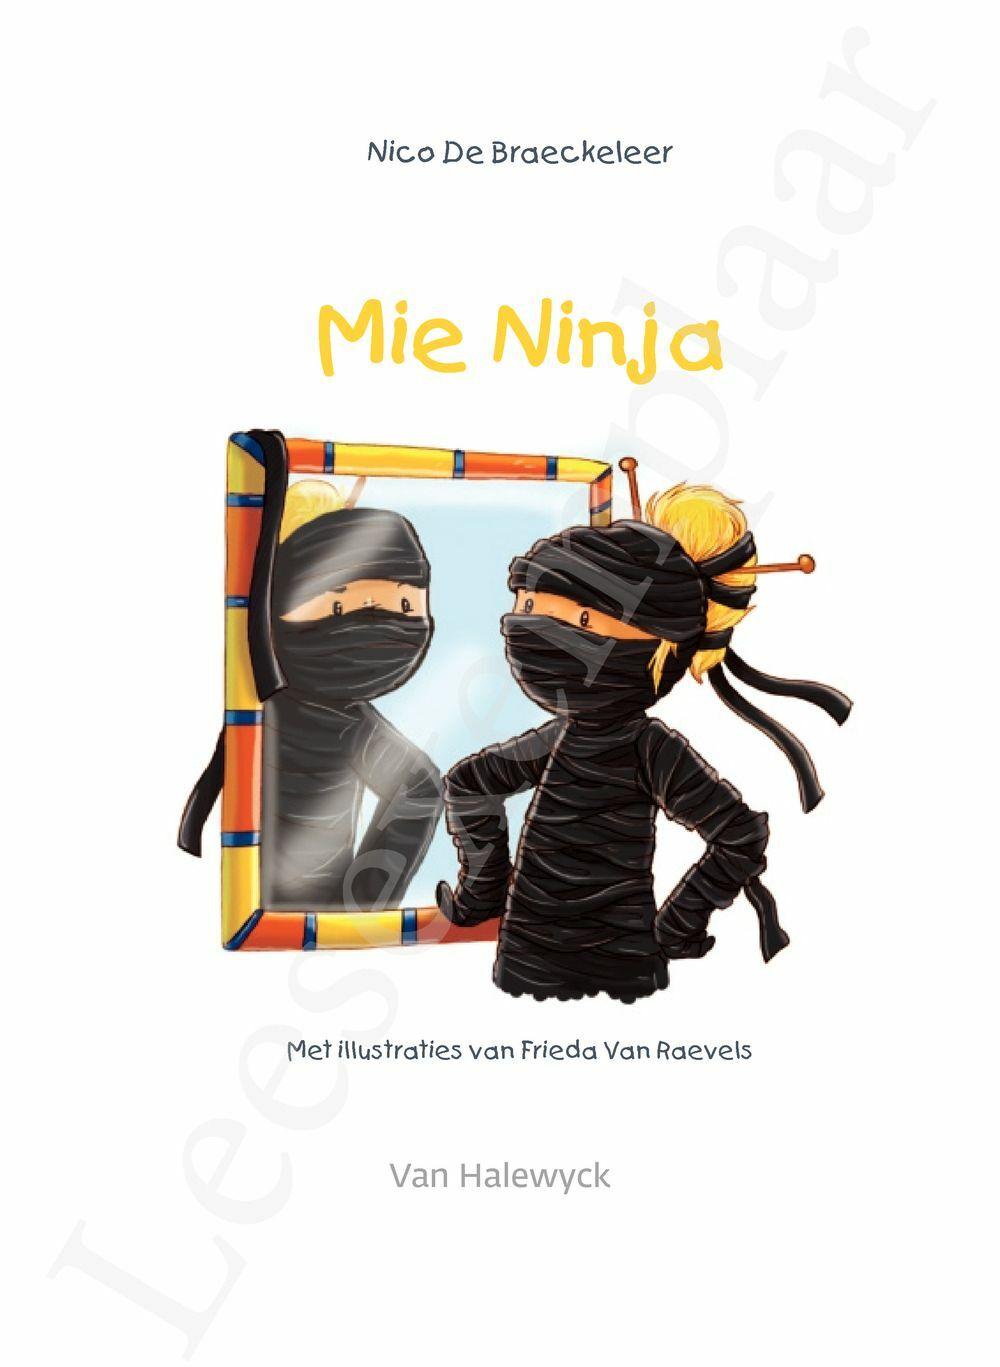 Preview: Mie ninja